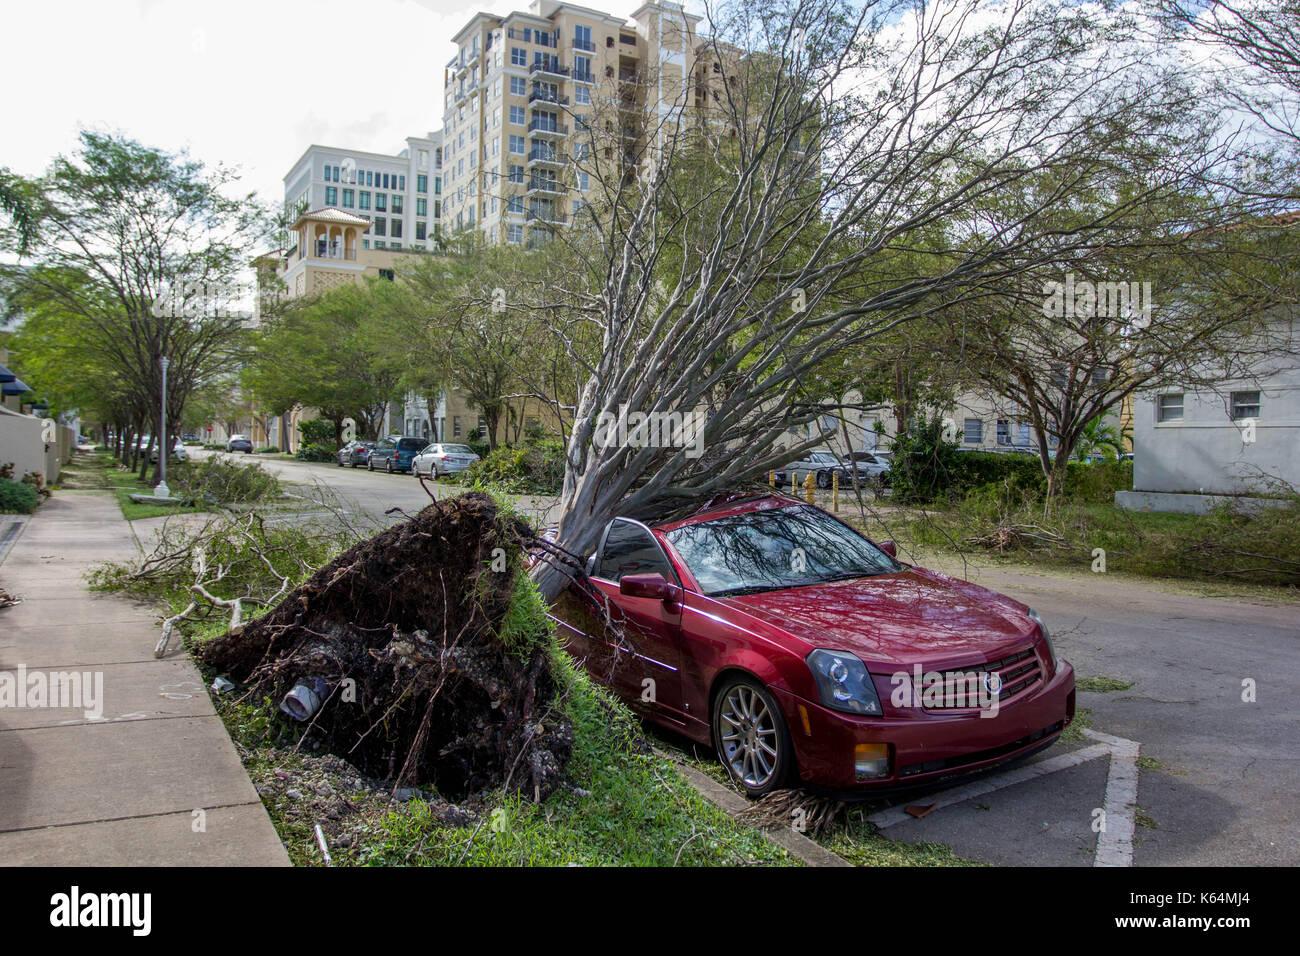 Miami, Floride, USA. Sep 11, 2017. Une voiture est écrasé sous un arbre déraciné après Photo Stock